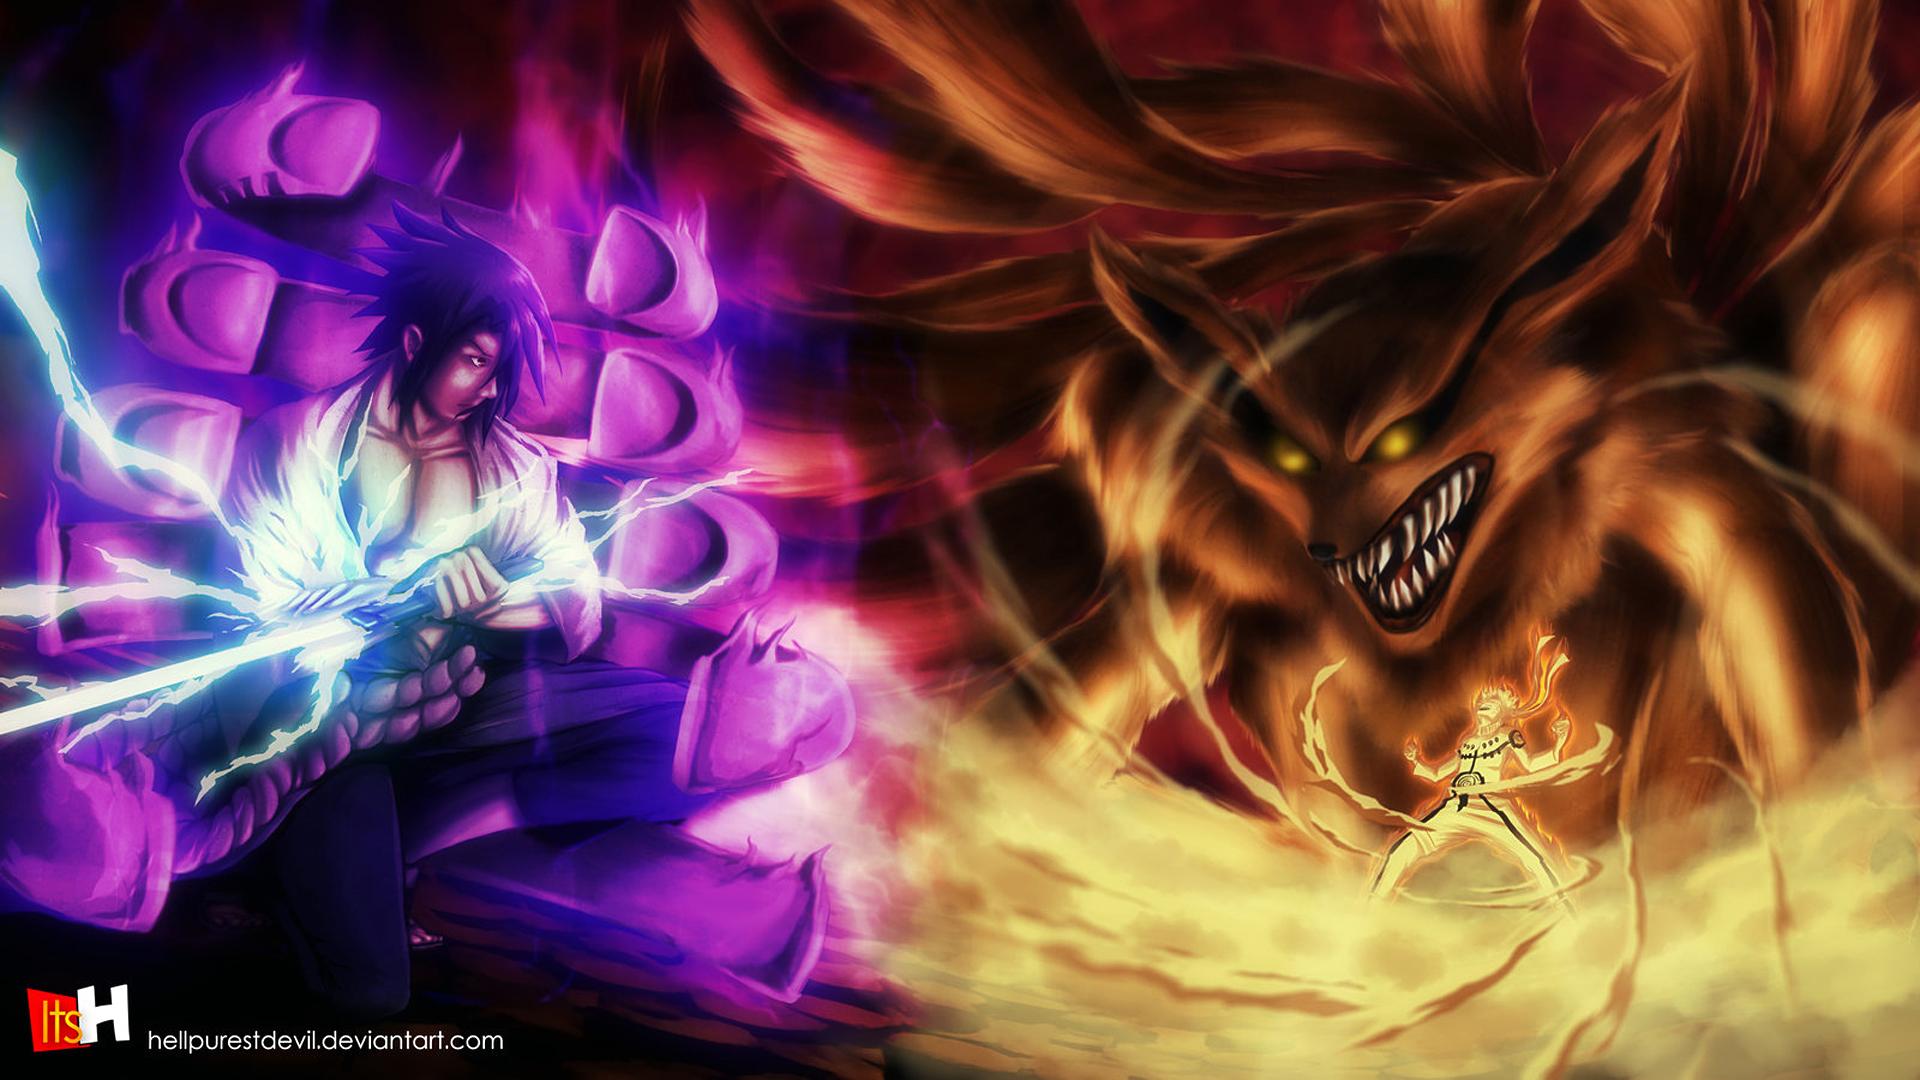 Free Download Sasuke Susanoo Vs Naruto Kyuubi Wallpaper Hd